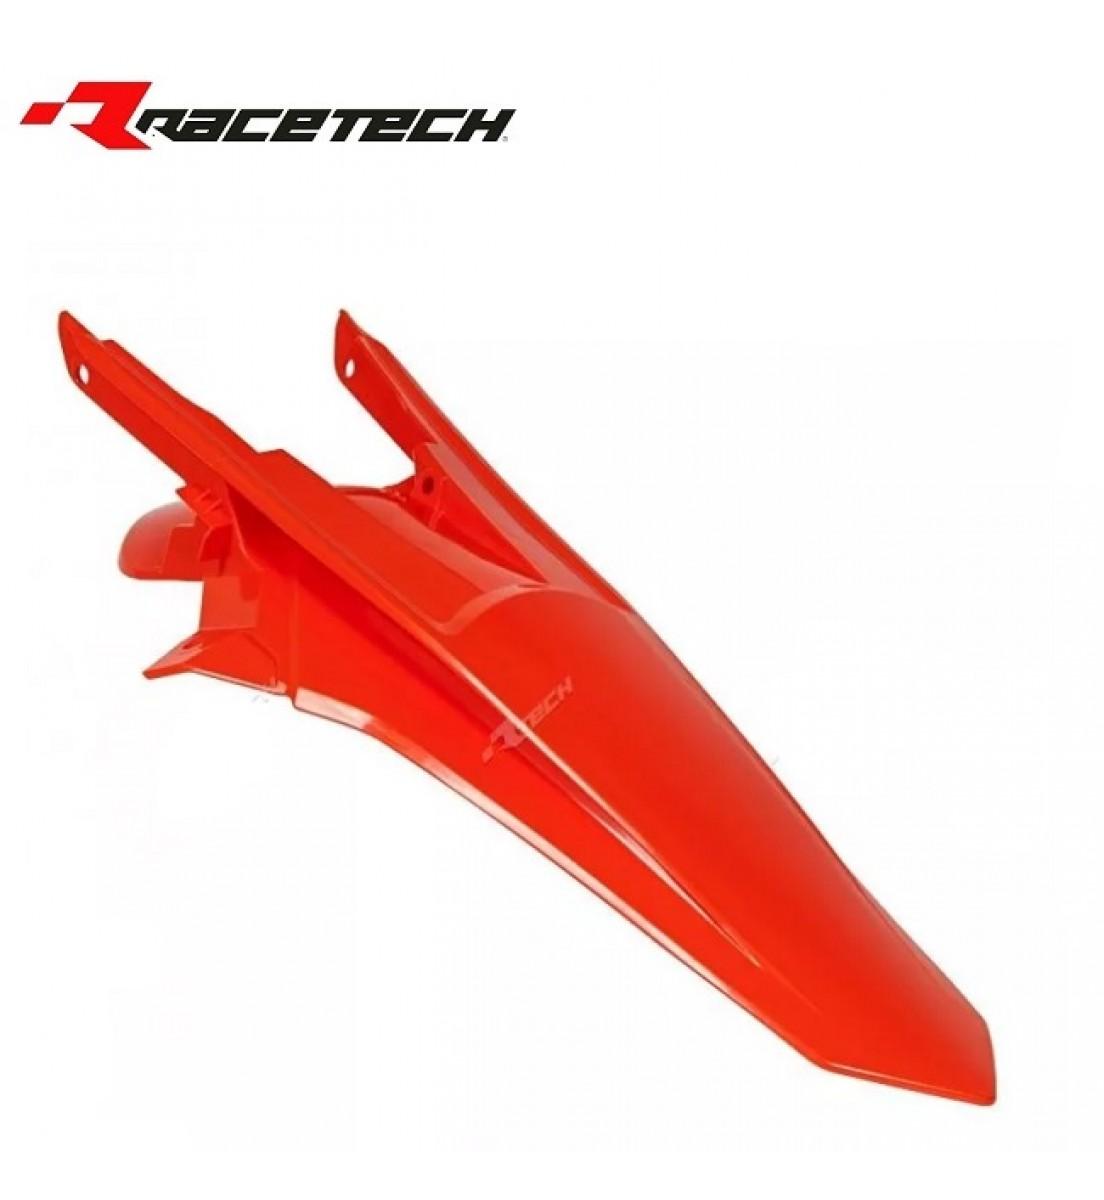 Paralama Traseiro KTM - 17/18 Todas Race Tech